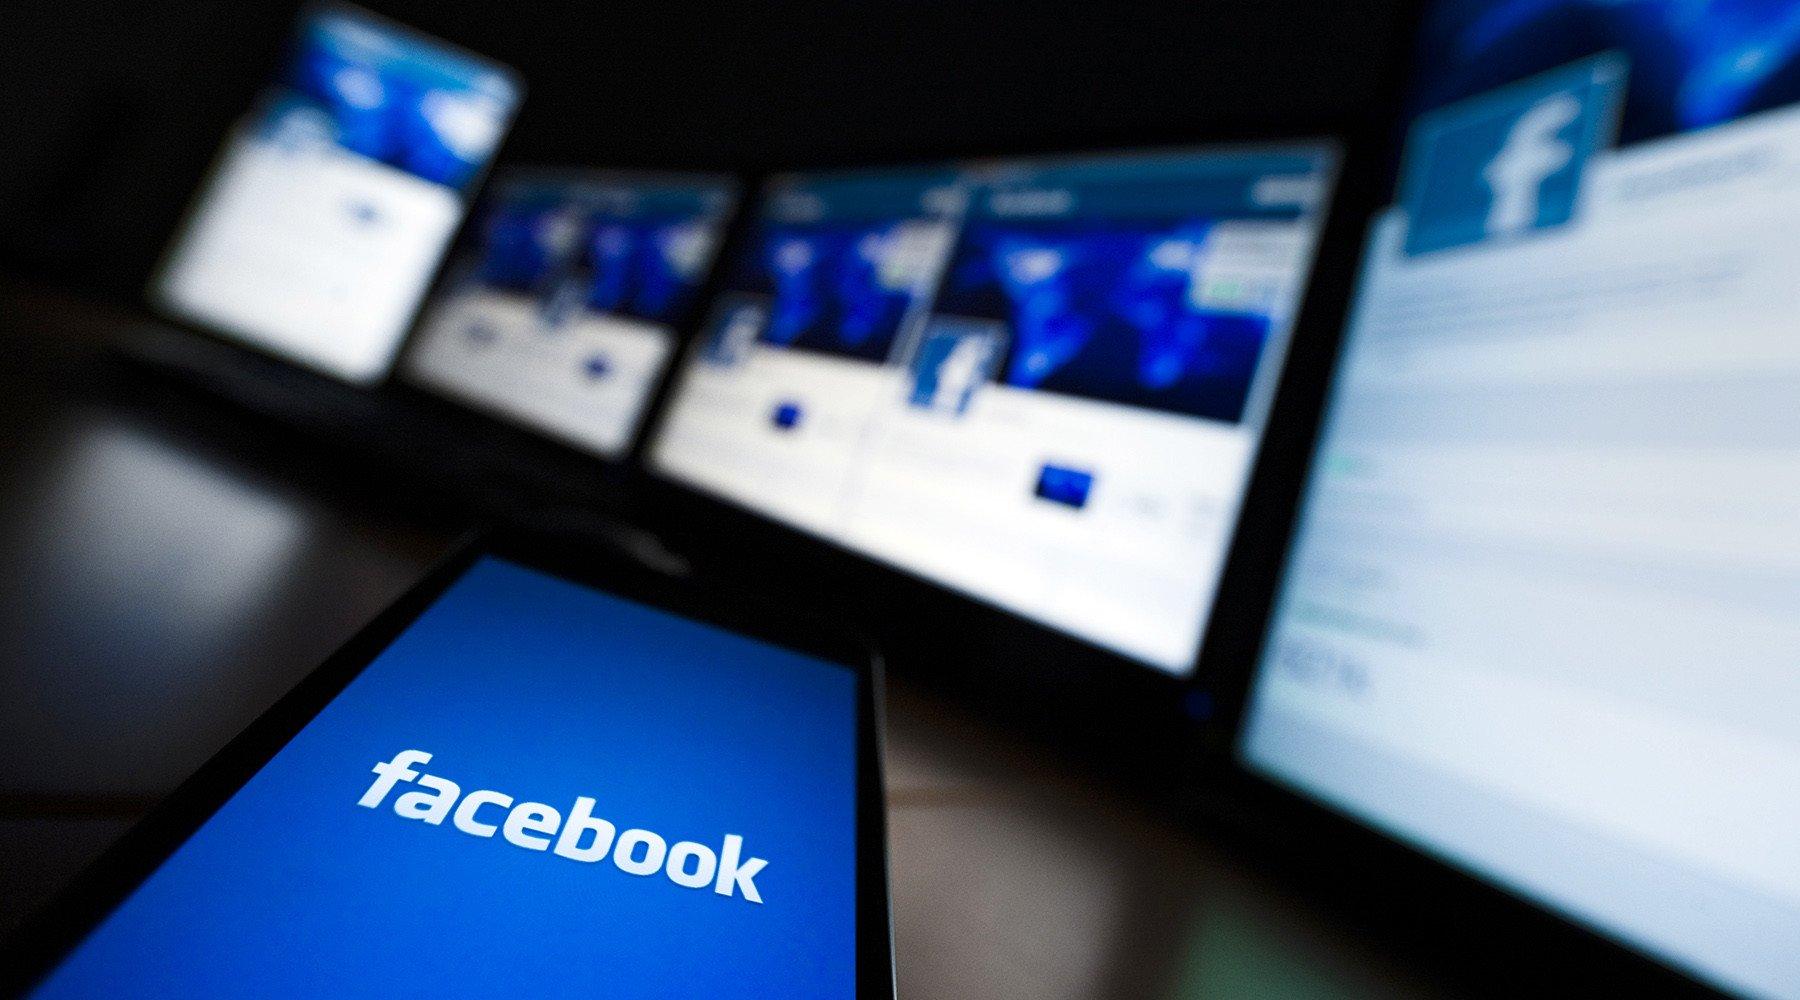 Роскомнадзор запланирует ряд проверок деятельности социальная сеть Facebook в Российской Федерации